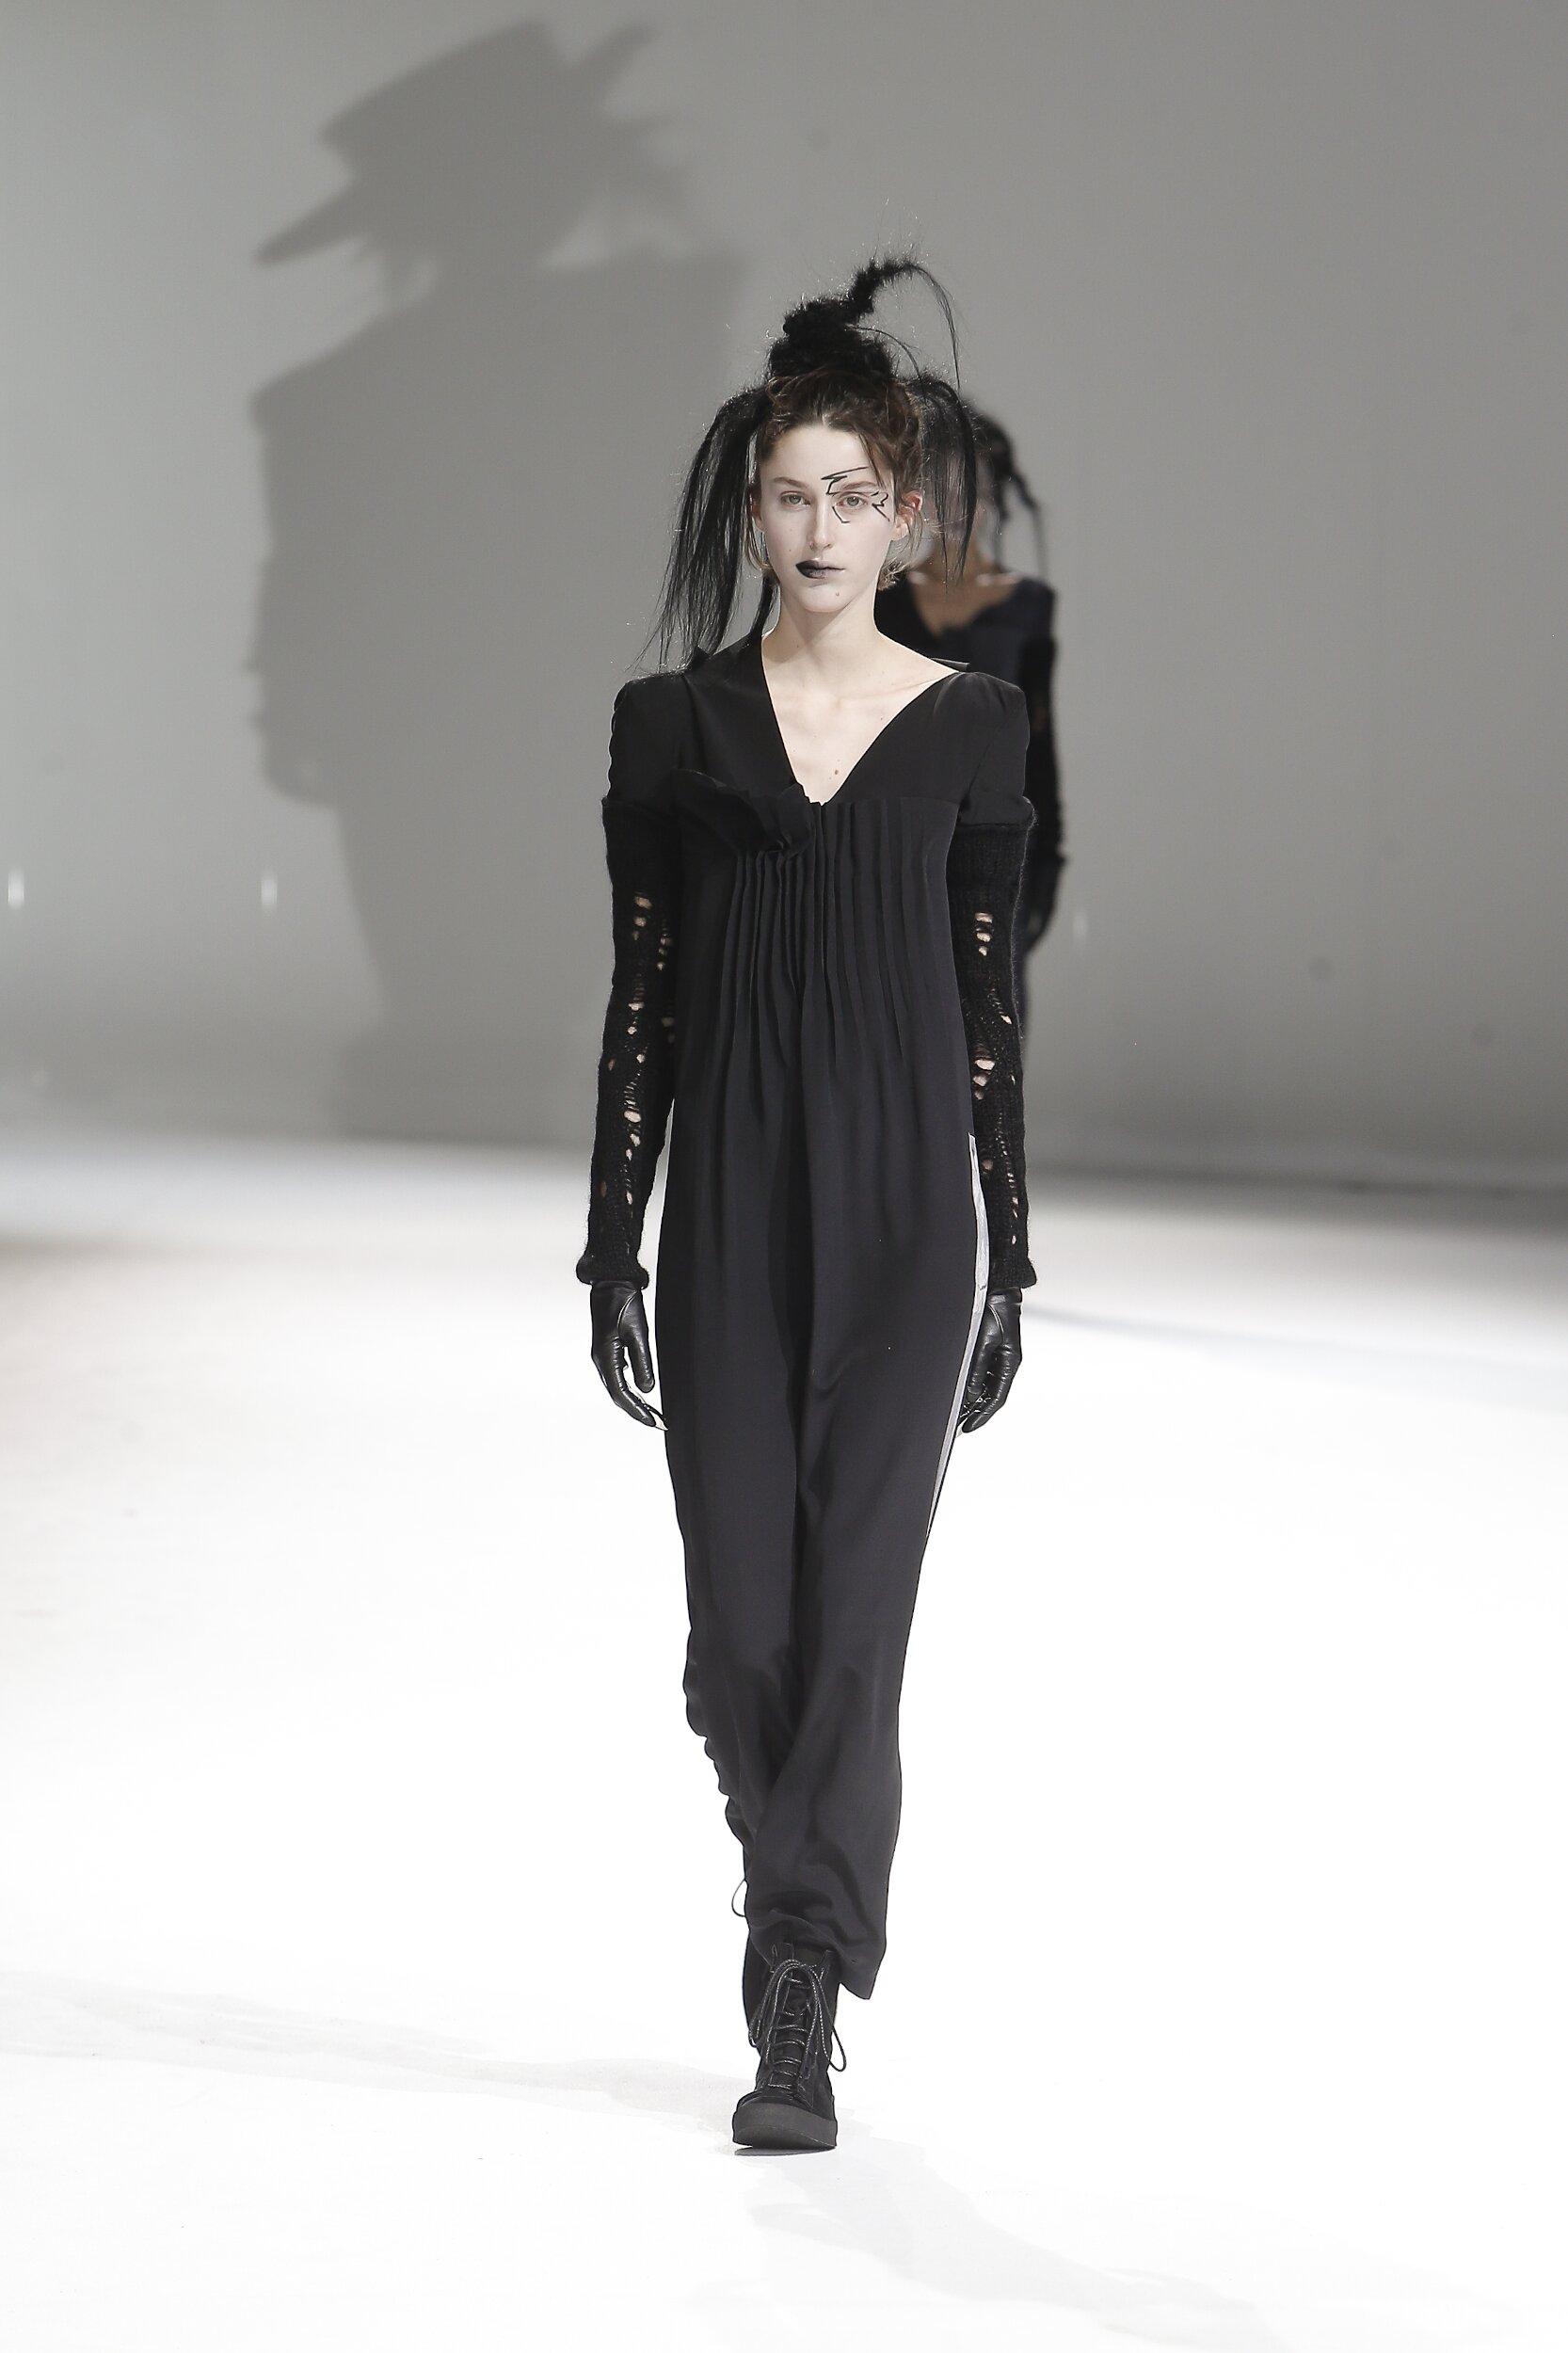 2020 Yohji Yamamoto Fall Winter Woman